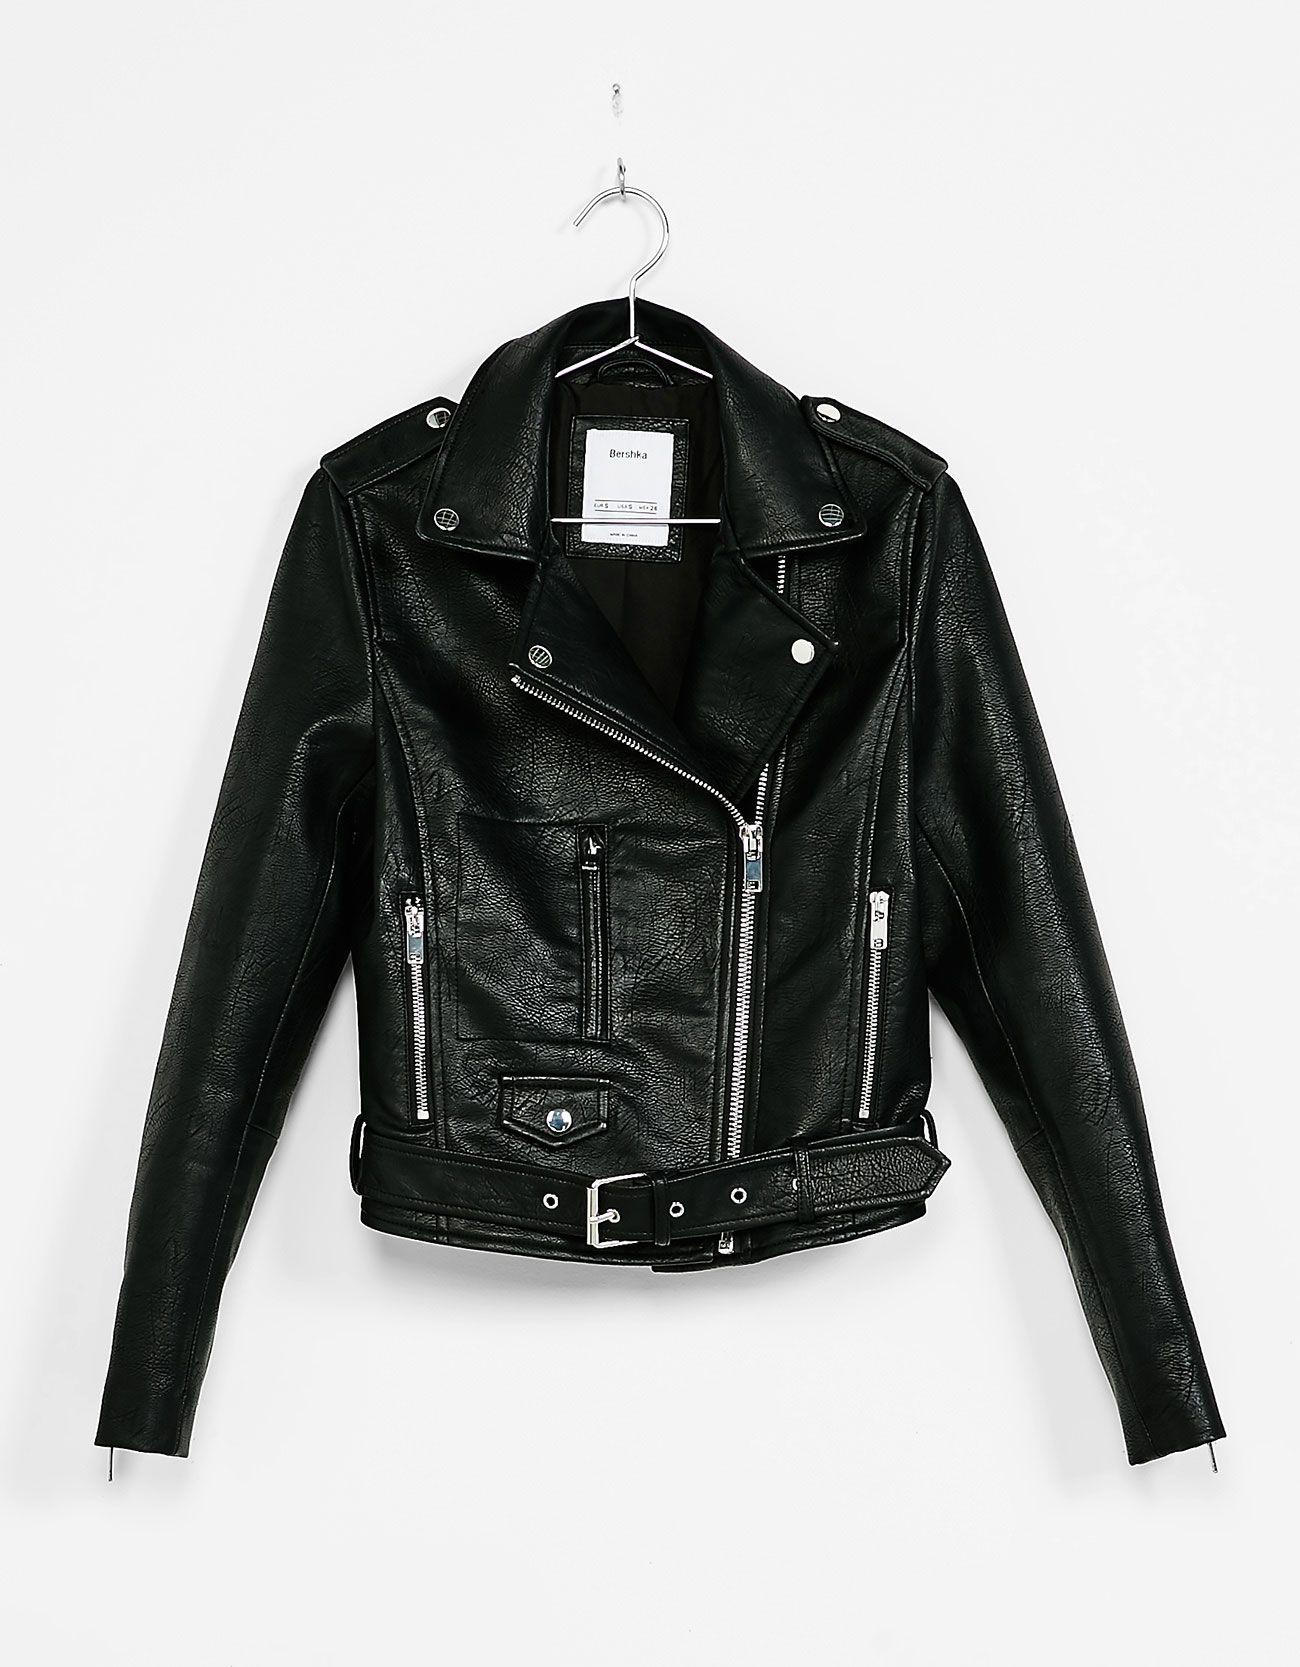 estilo popular vívido y de gran estilo calidad autentica Cazadora biker efecto piel | Cazadora bershka, Moda bershka ...